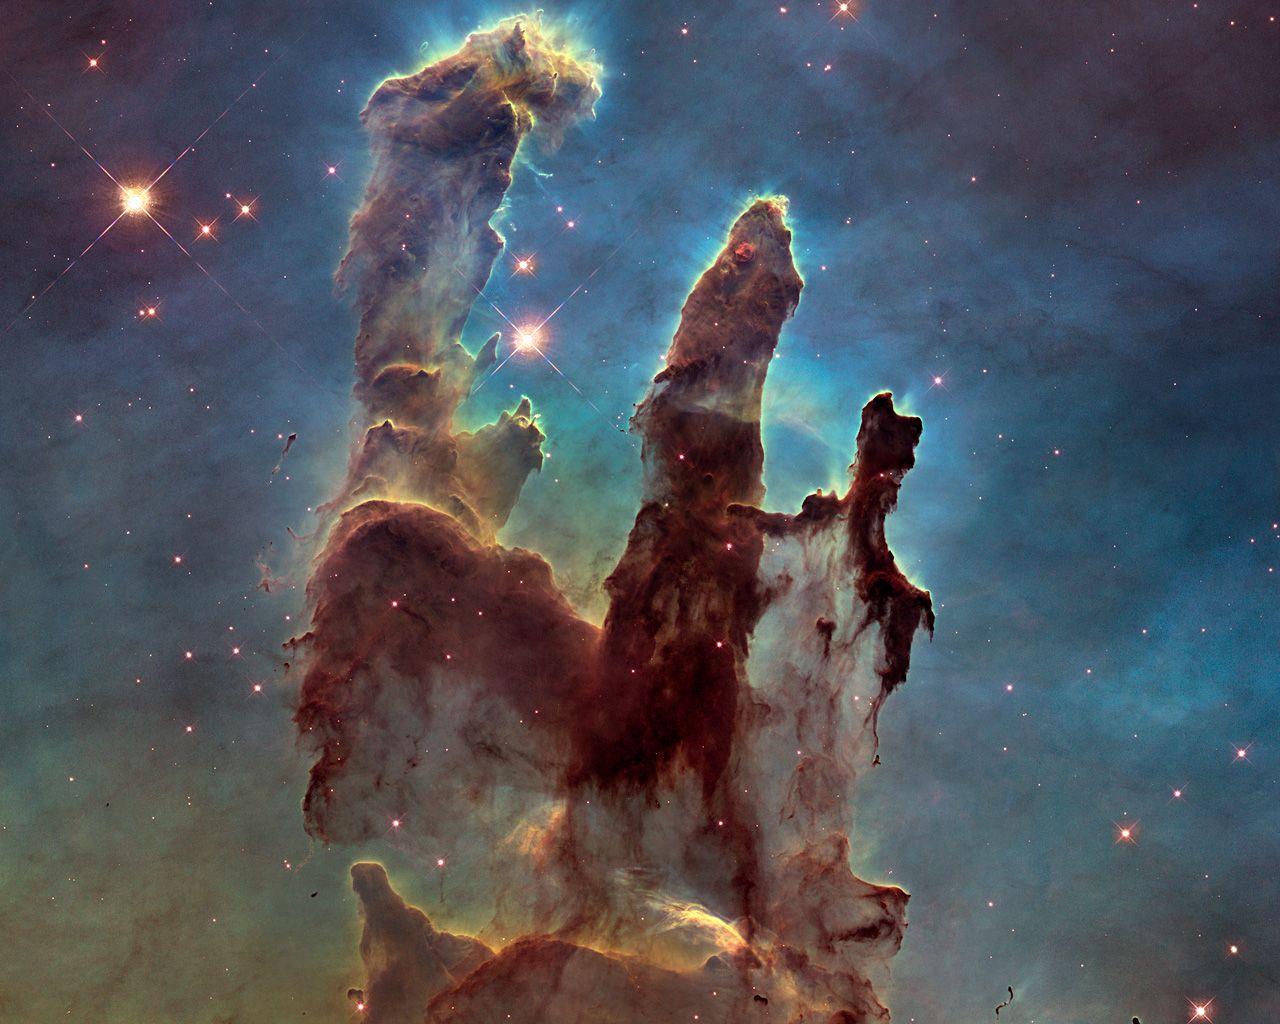 EN IMAGES. Espace : les 25 ans de Hubble en 25 photos féériques